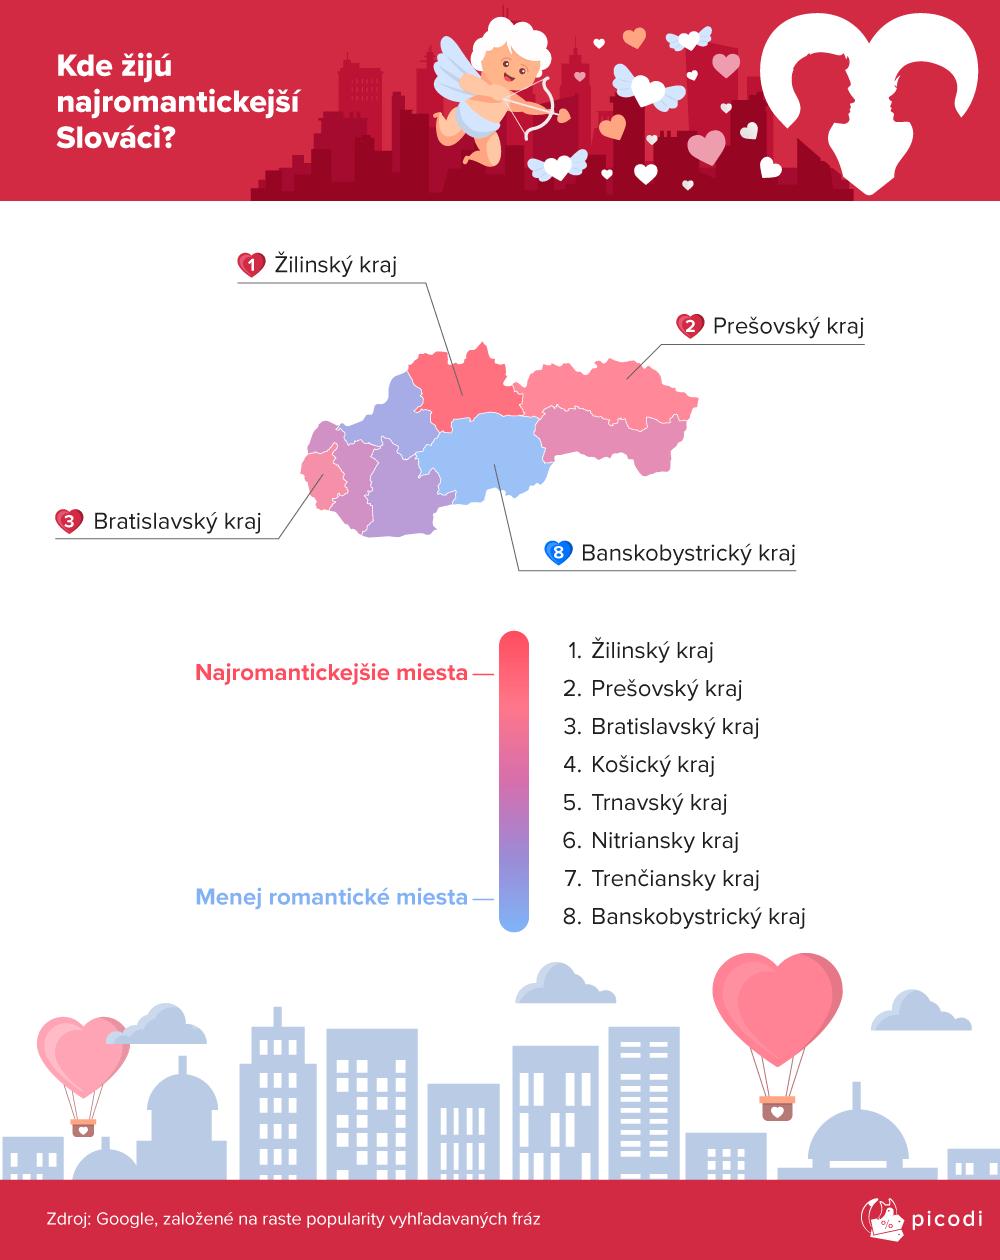 Kde žijú najromantickejší Slováci?